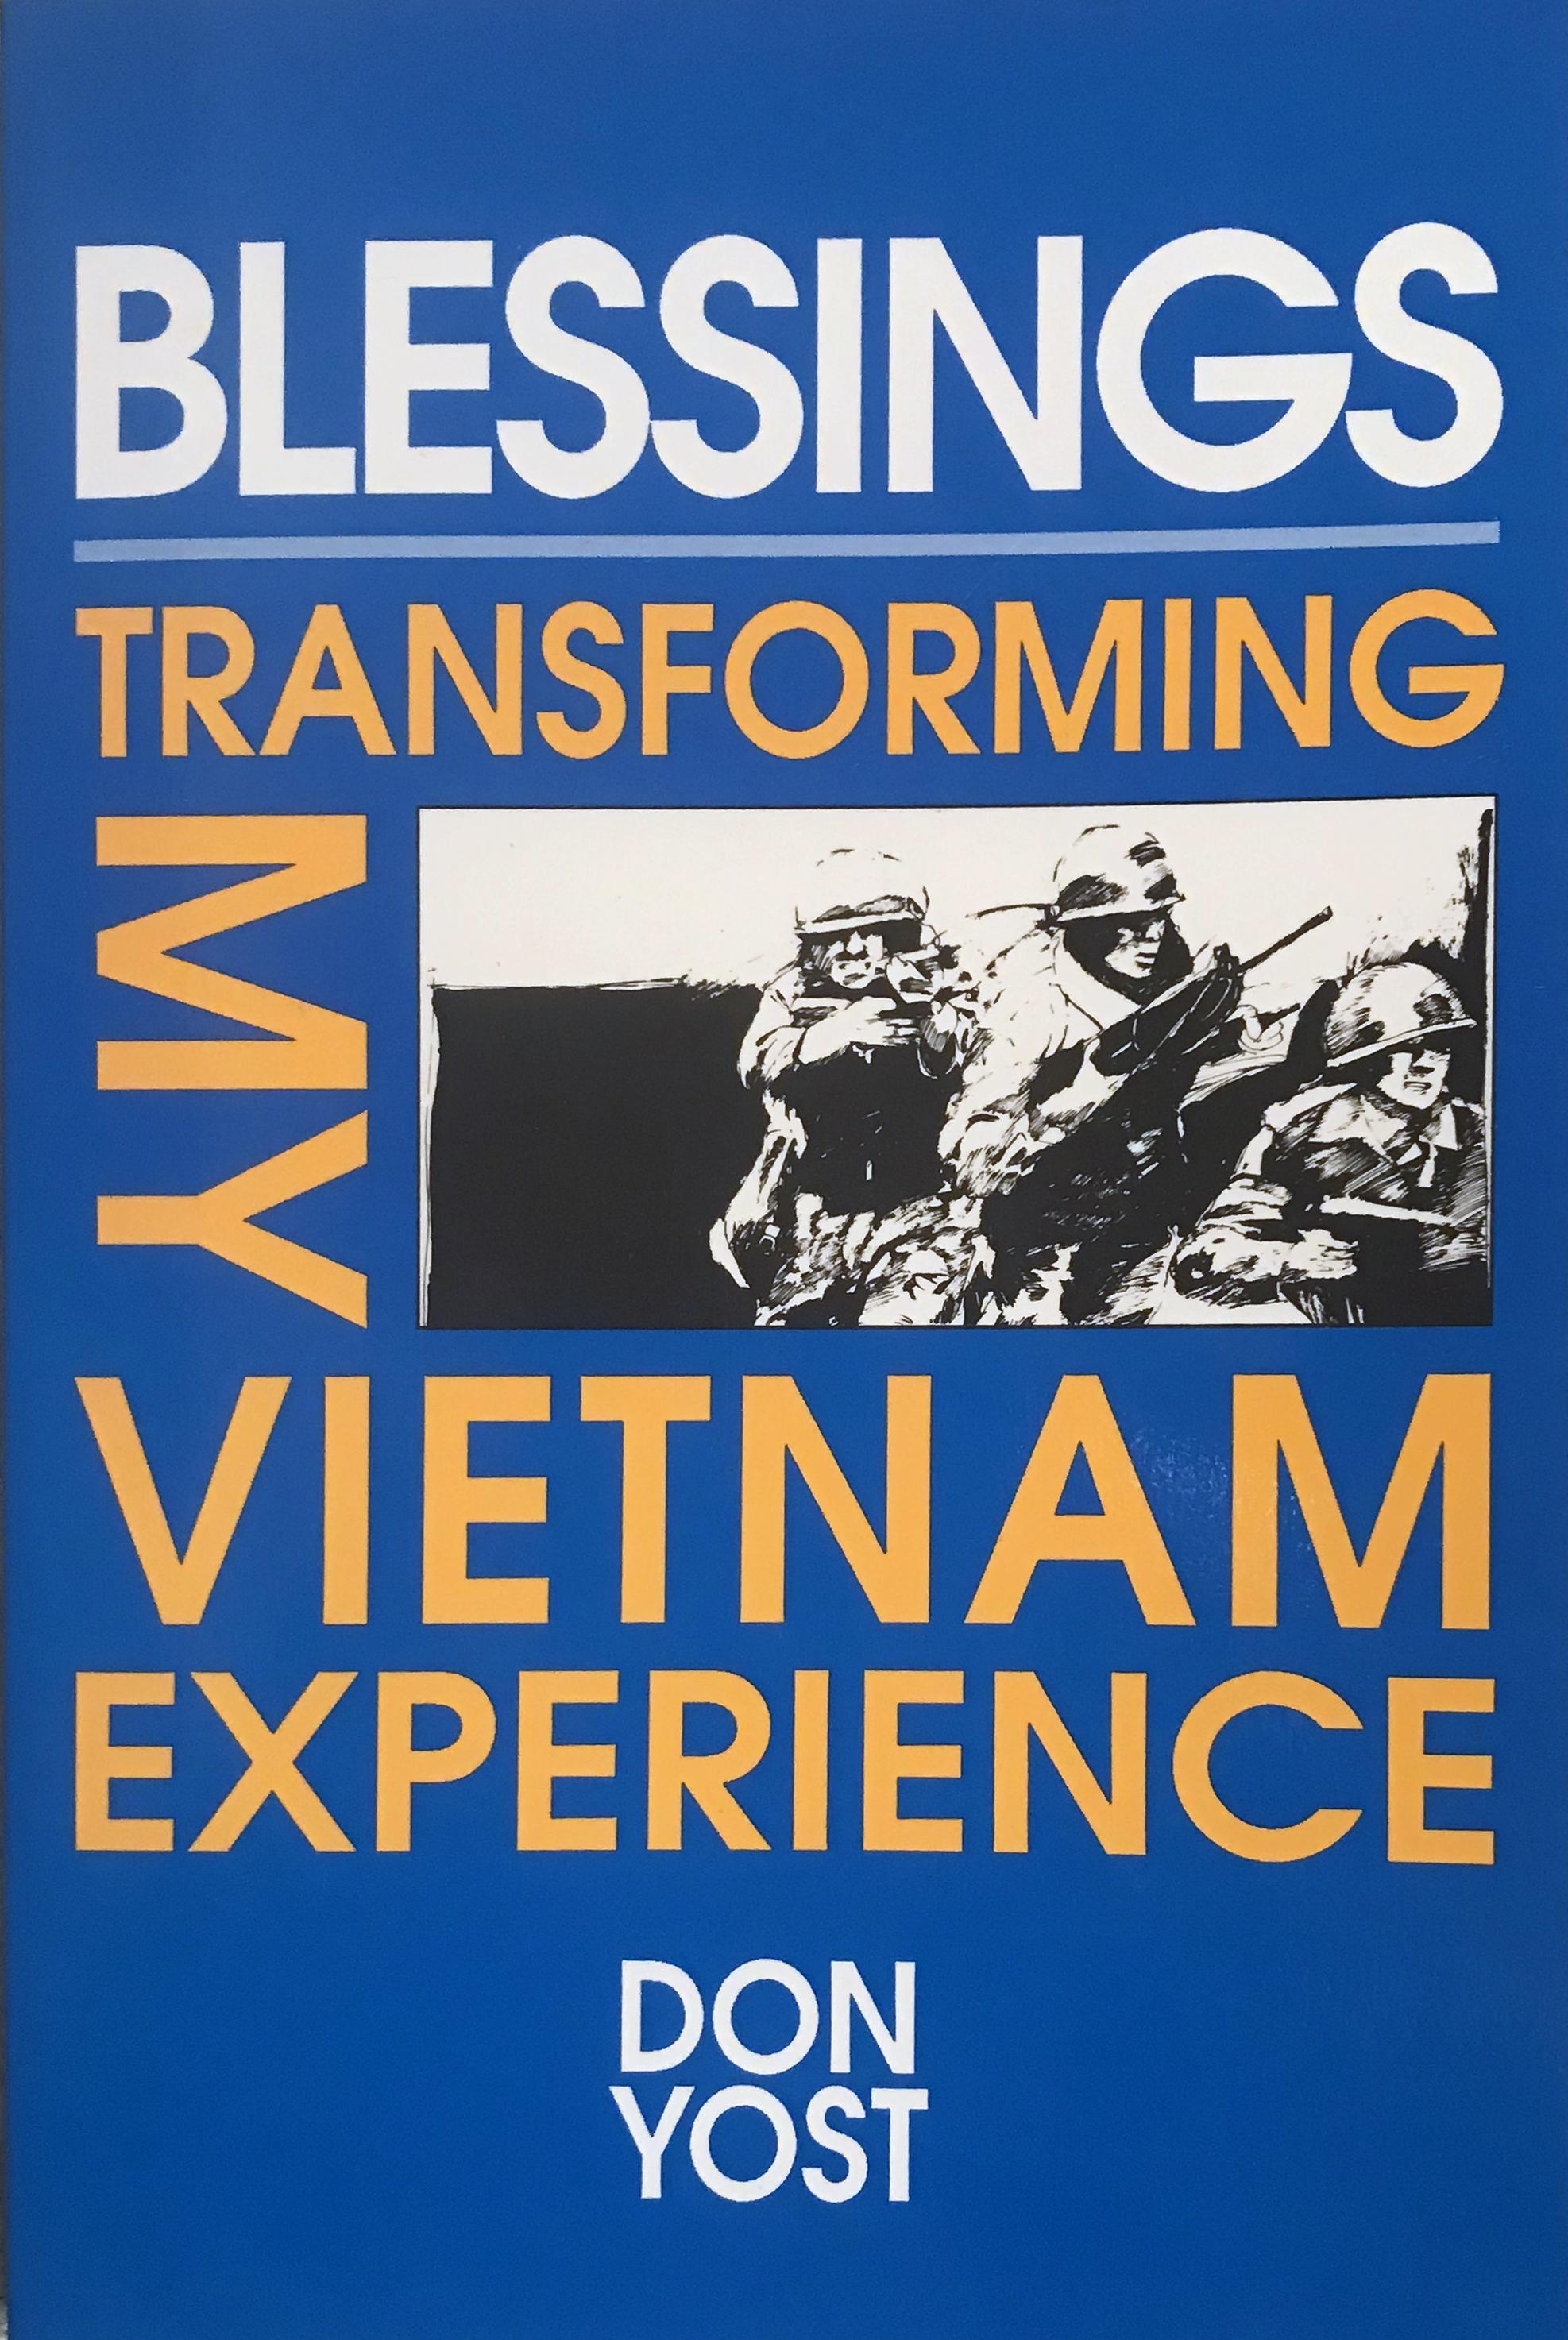 Viet Blessings.jpg